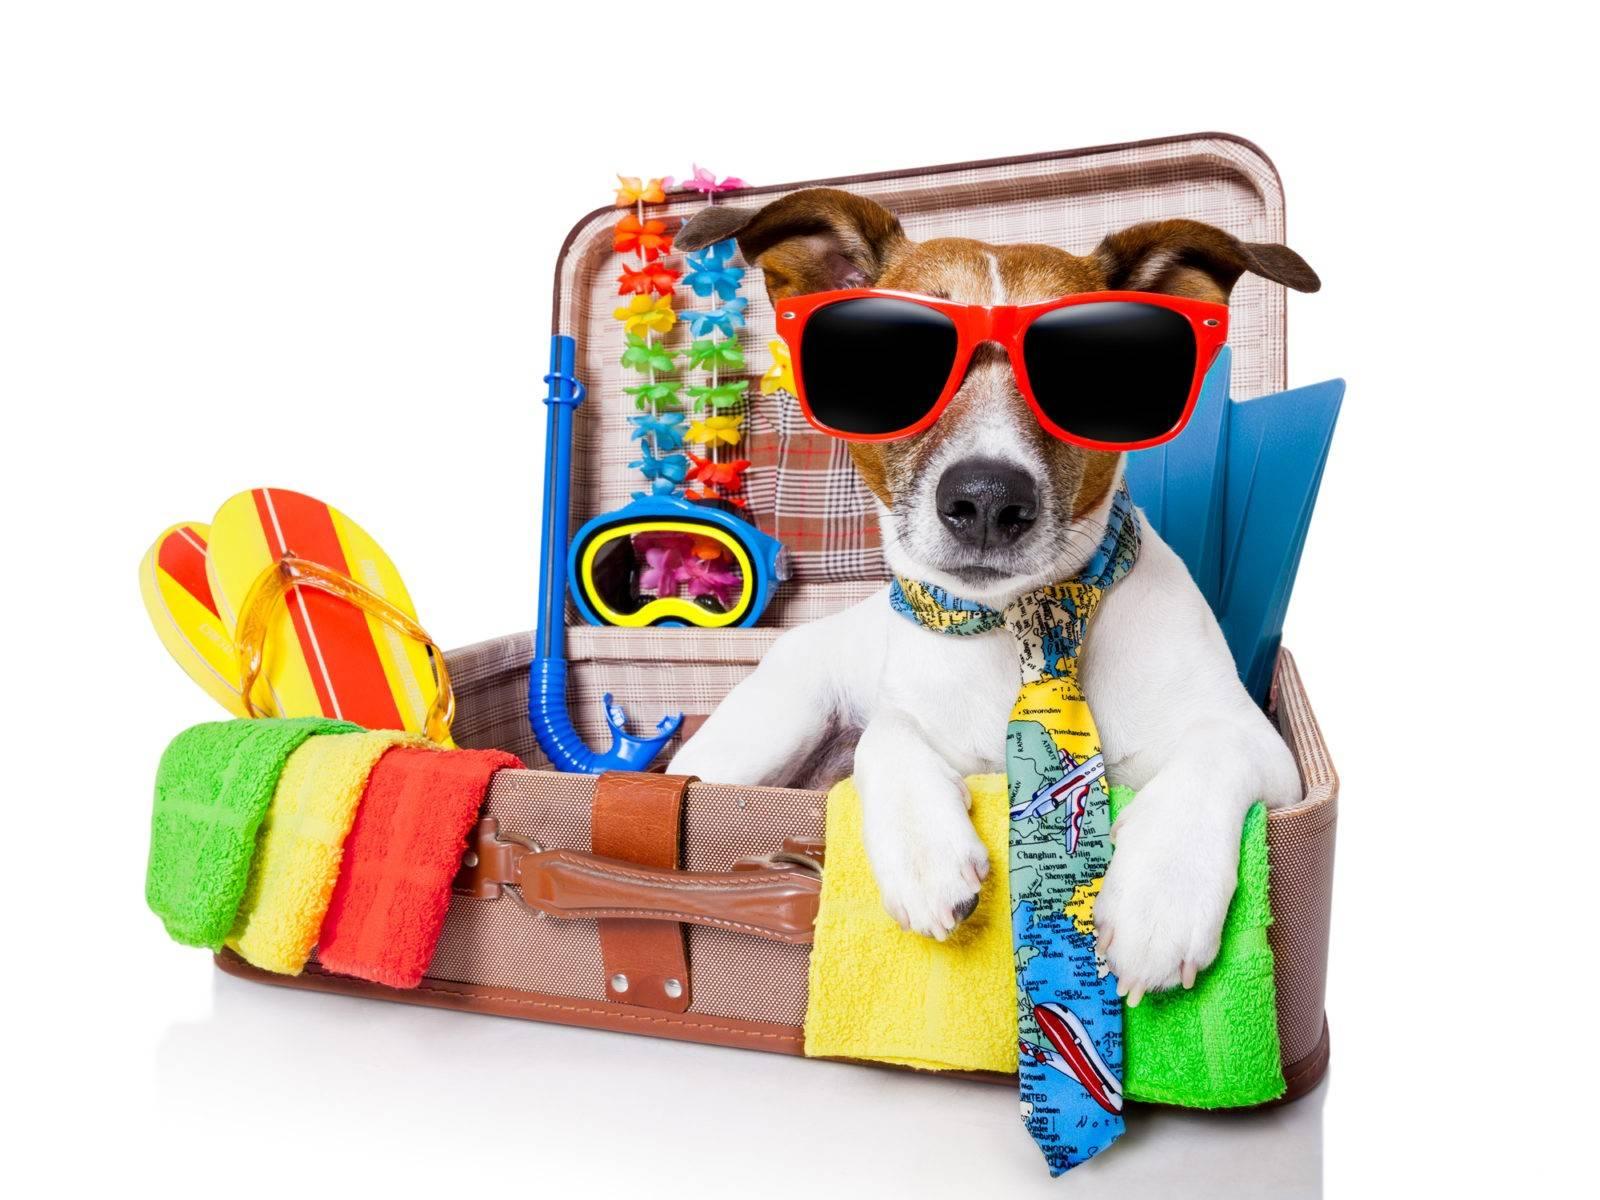 Зоогостиницы в москве - с кем оставить собаку на время отпуска